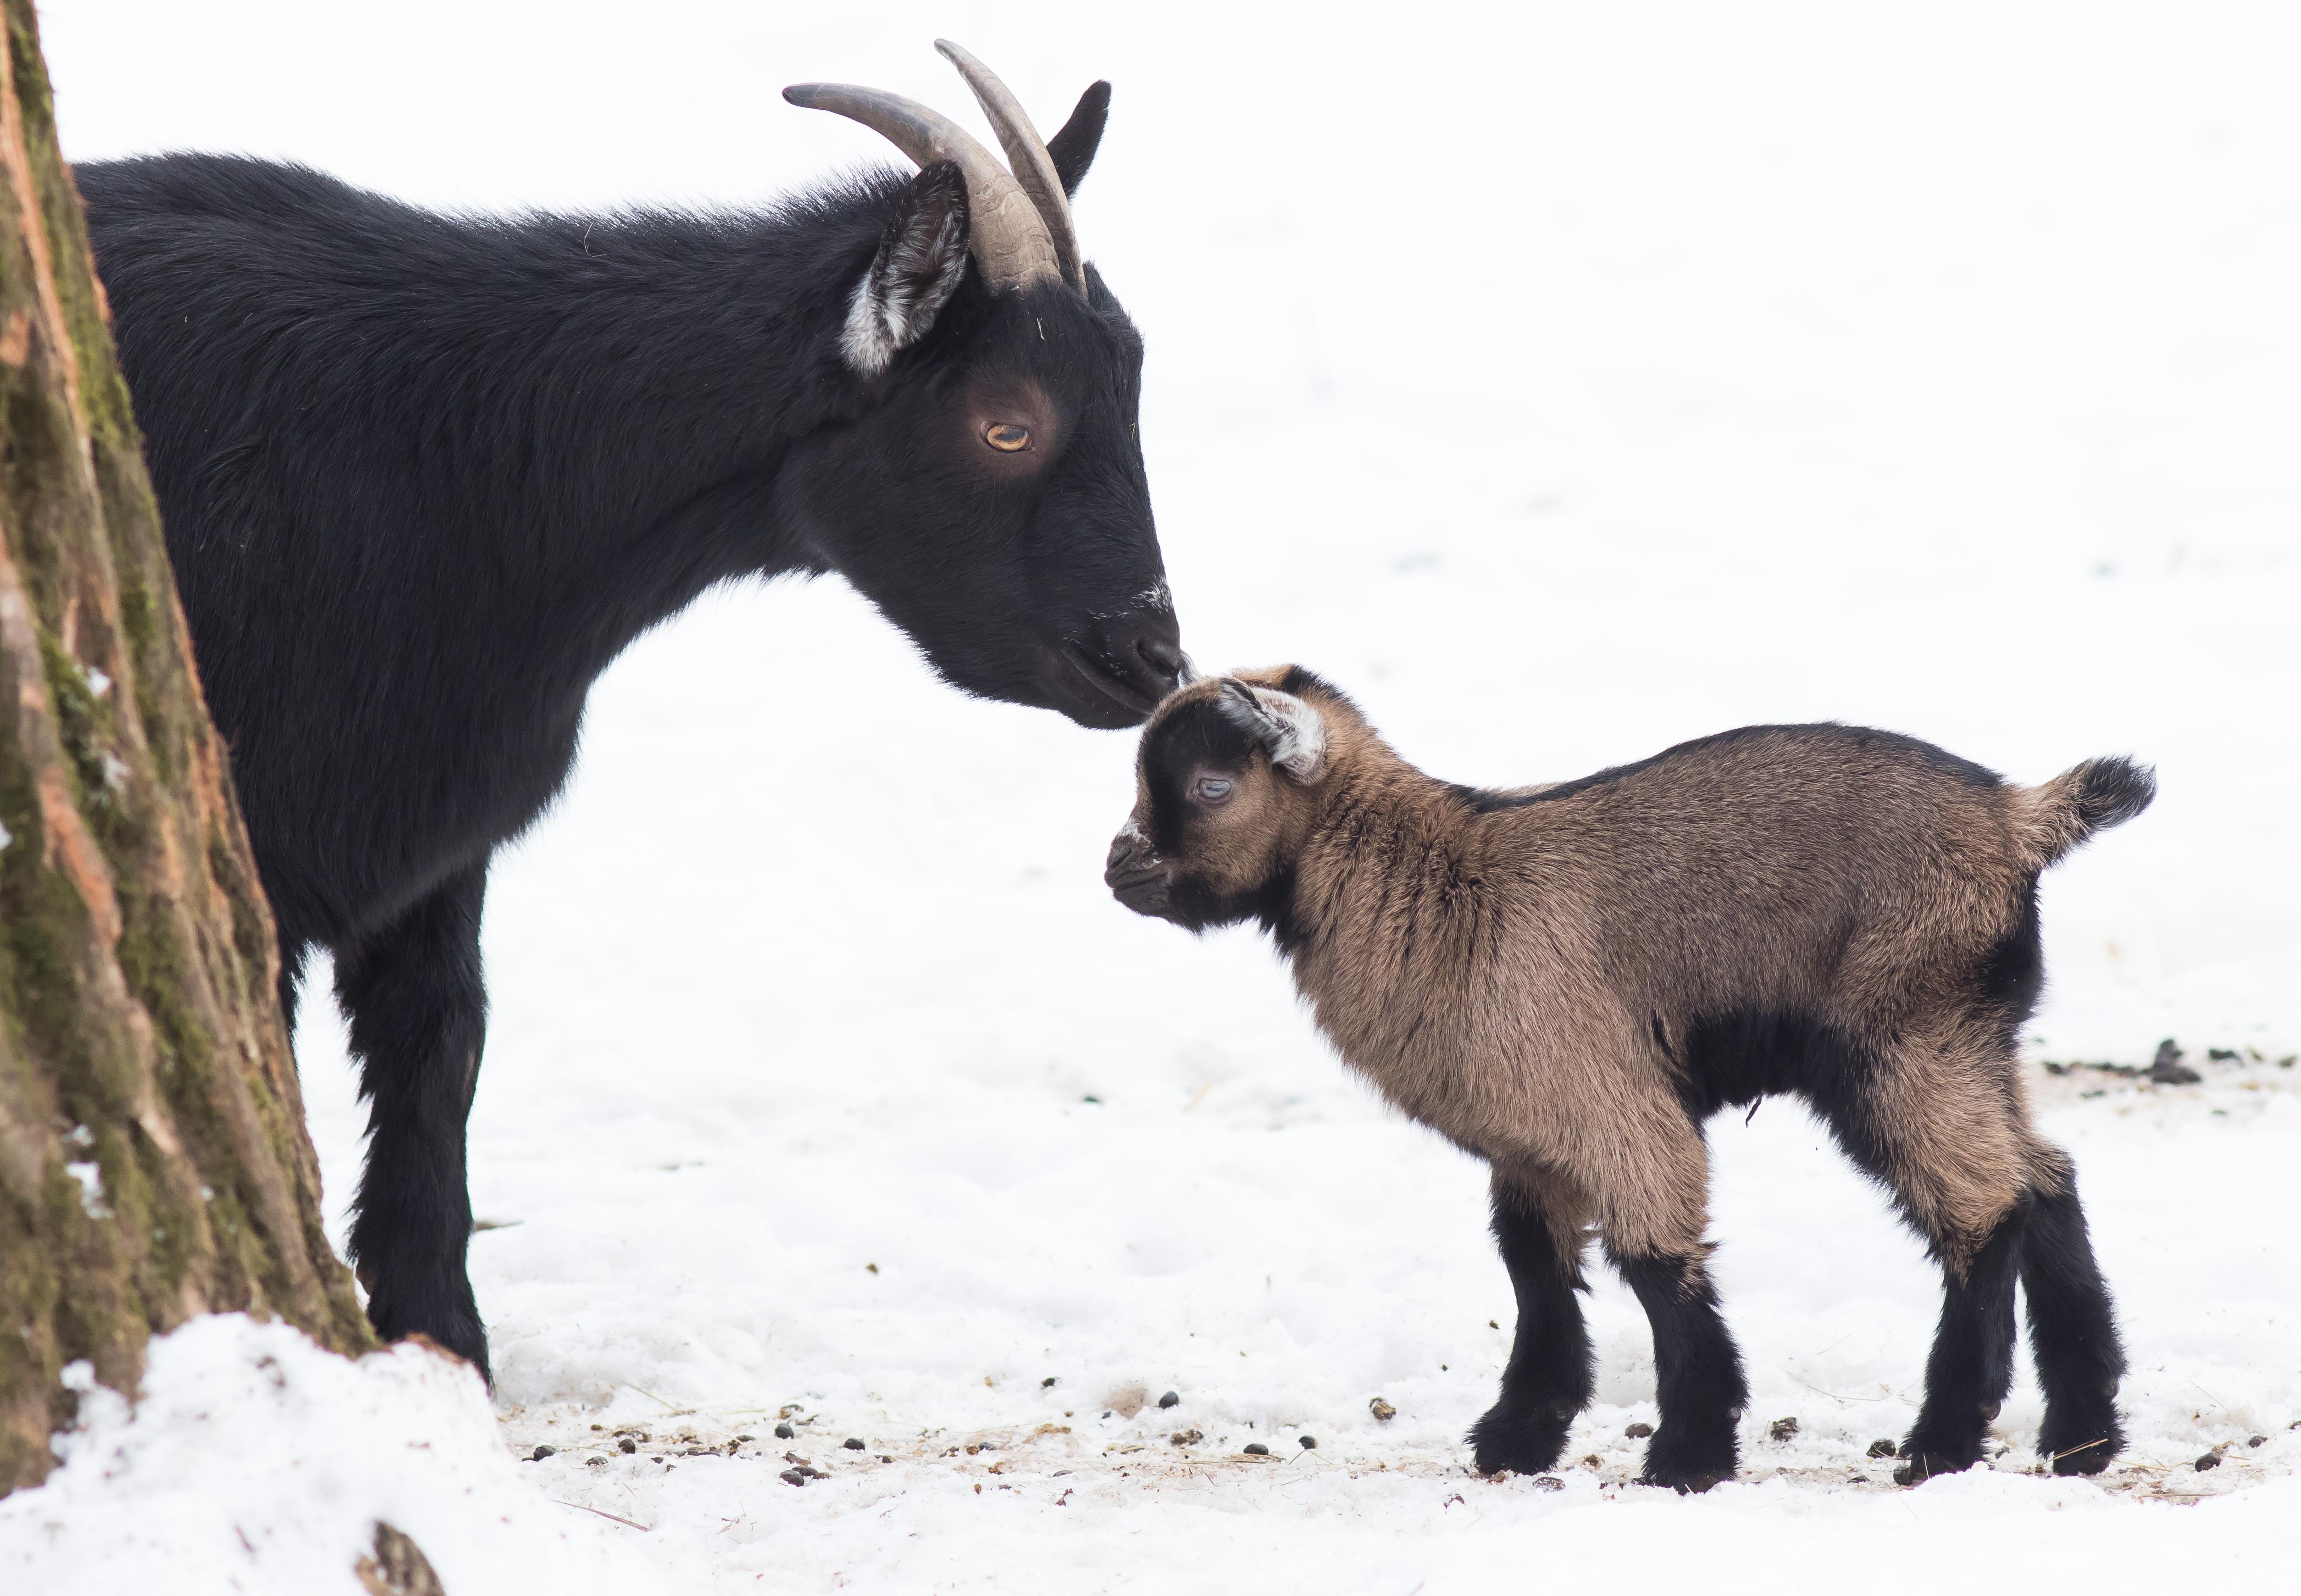 """Törpegida született a Debreceni Állatkertben!""""/></p> <p>A kis kameruni törpekecske gida az év első jövényeként 2019. január 6-án született és remek egészségnek örvend, étvágya kifogástalan. A virgonc gödölye alig nagyobb egy kifejlett házi macskánál, de rögtön beilleszkedett a 23 egyedből álló kecskenyájba. A kameruni törpekecskék Nyugat – Afrikából, a Guinea – öbölben elhelyezkedő Kamerunból származnak. Ezt a fajtát tartják a vadkecske első domesztikált változatának, mely már világszerte népszerű kecskefajtaként terjedt el. A kameruni őslakosok tej-és húshaszna miatt is tartják, de eredeti élőhelyén kívül kedvelt hobbifajta is kis termete és vidám természete jóvoltából.  A törpekecskék csapatokban élnek, melynek tagjai különbözőképpen kommunikálnak egymással hangokkal, testtartással, mozgásokkal és szaganyagokkal. A legfiatalabb jókedvű kisgida szüleivel és társaival együtt megtekinthető az állatkertben.</p> <p><img src="""